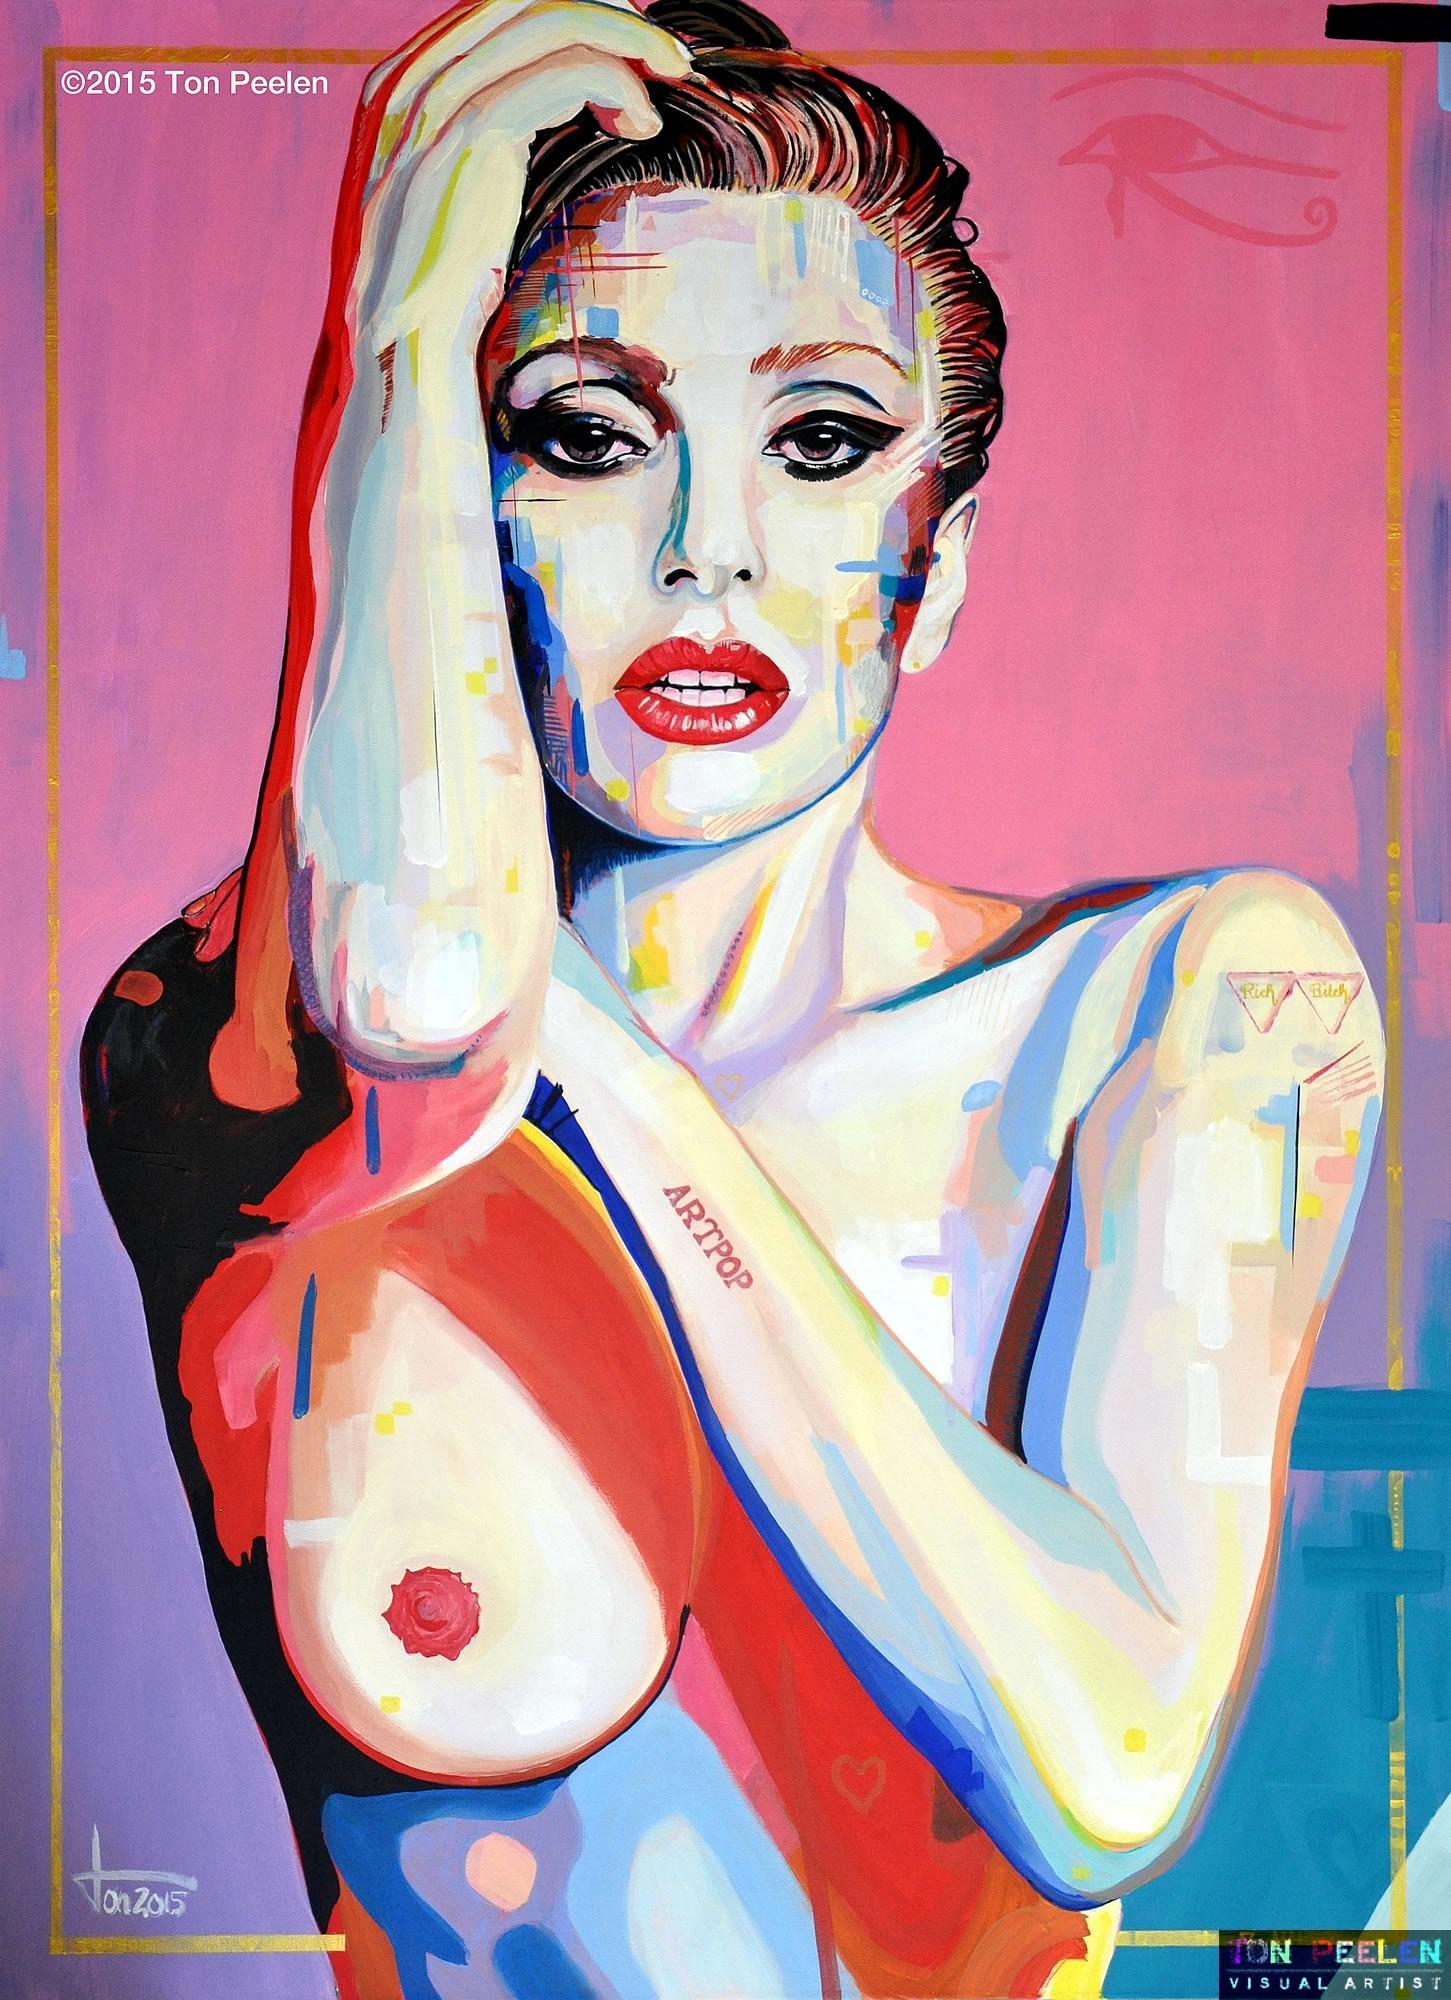 Lady Gaga by Dutch artist Ton Peelen